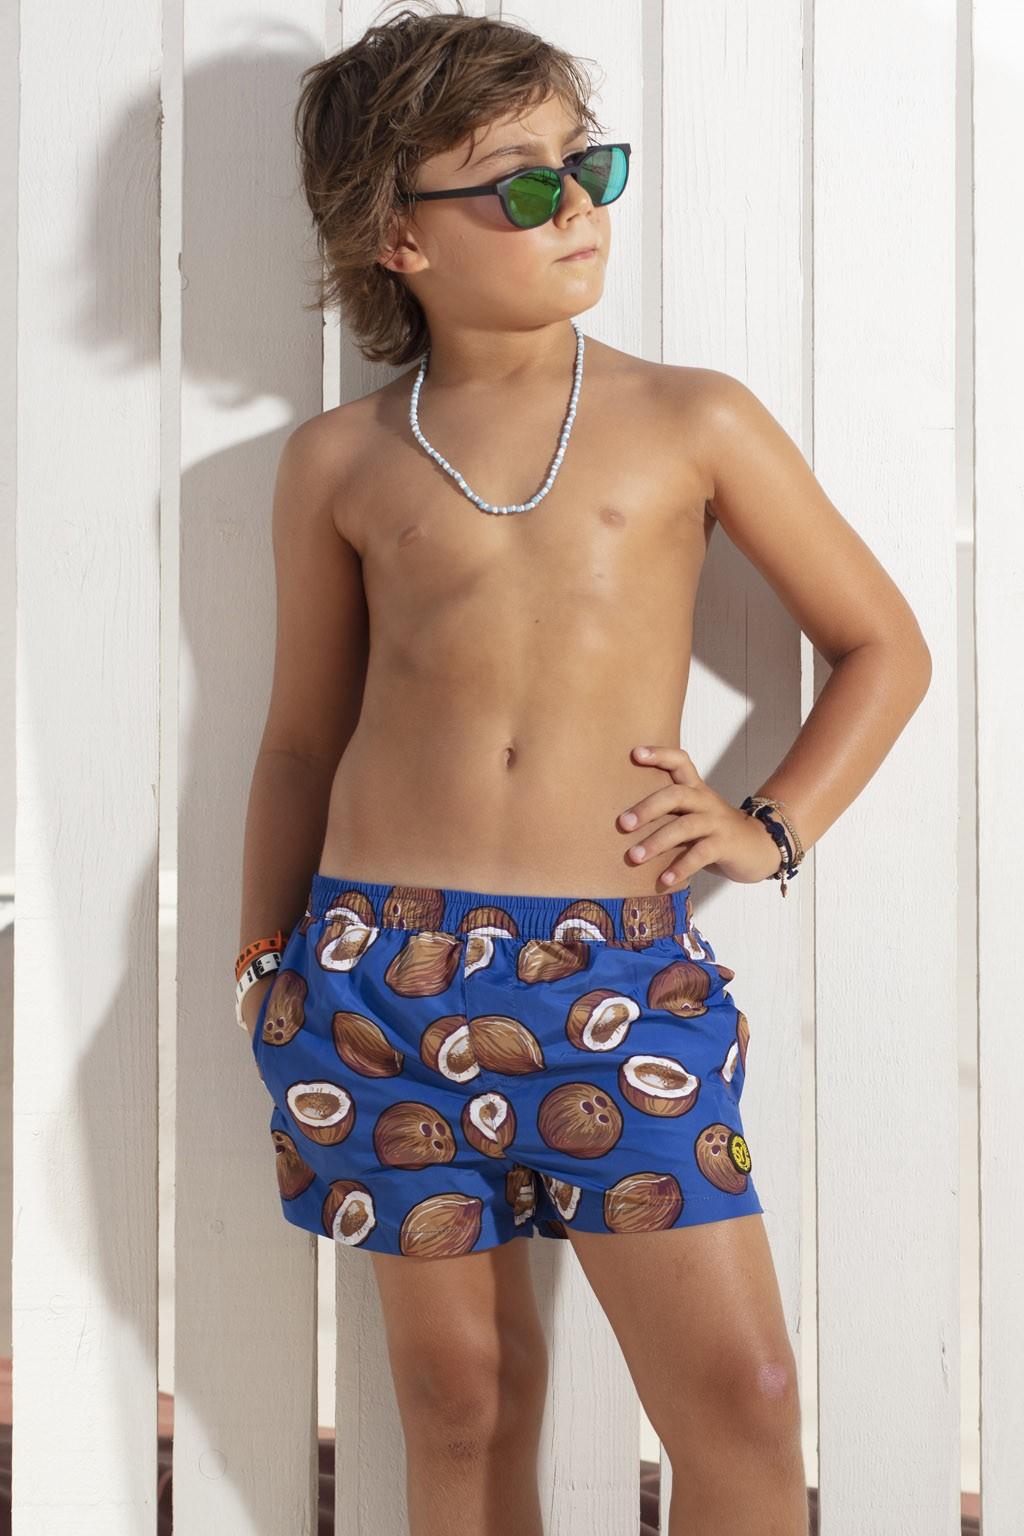 Acquista subito i boxer da mare tinta unita da bambino di Sweet Years, con stampa noci di cocco sulla gamba.